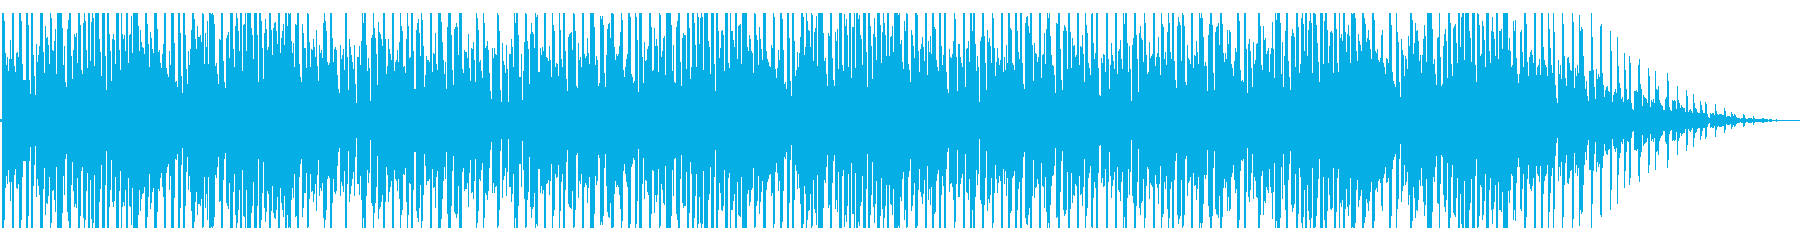 揺らめくようなローファイR&Bの再生済みの波形